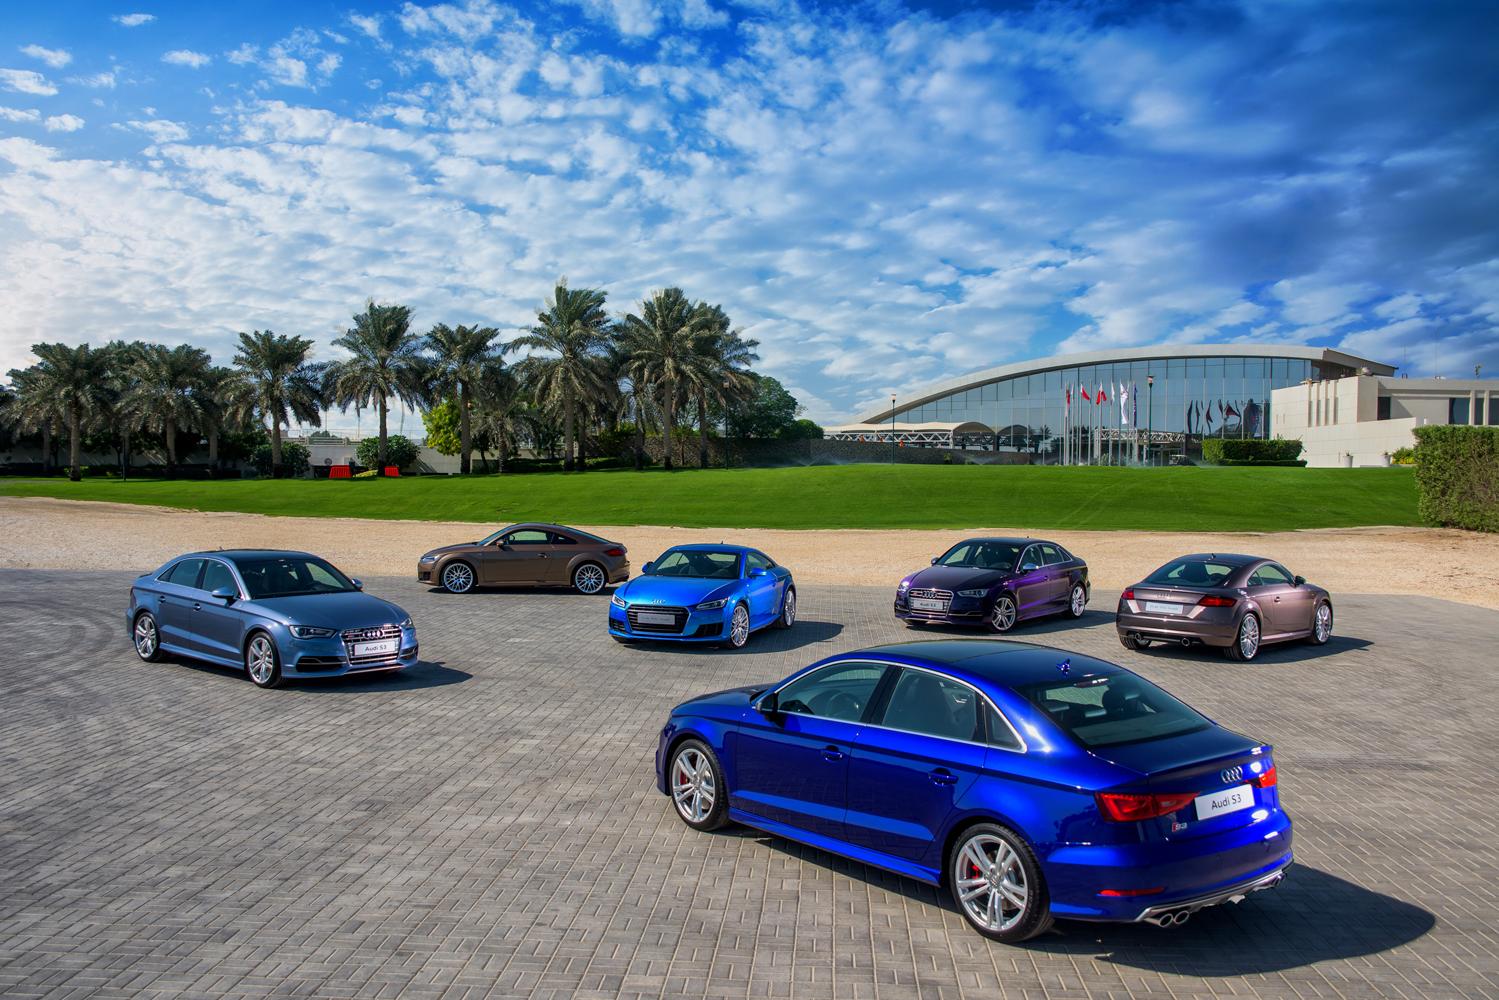 Audi Bahrain Shoot Royal Golf Club Bahrain - Ali Haji.jpg